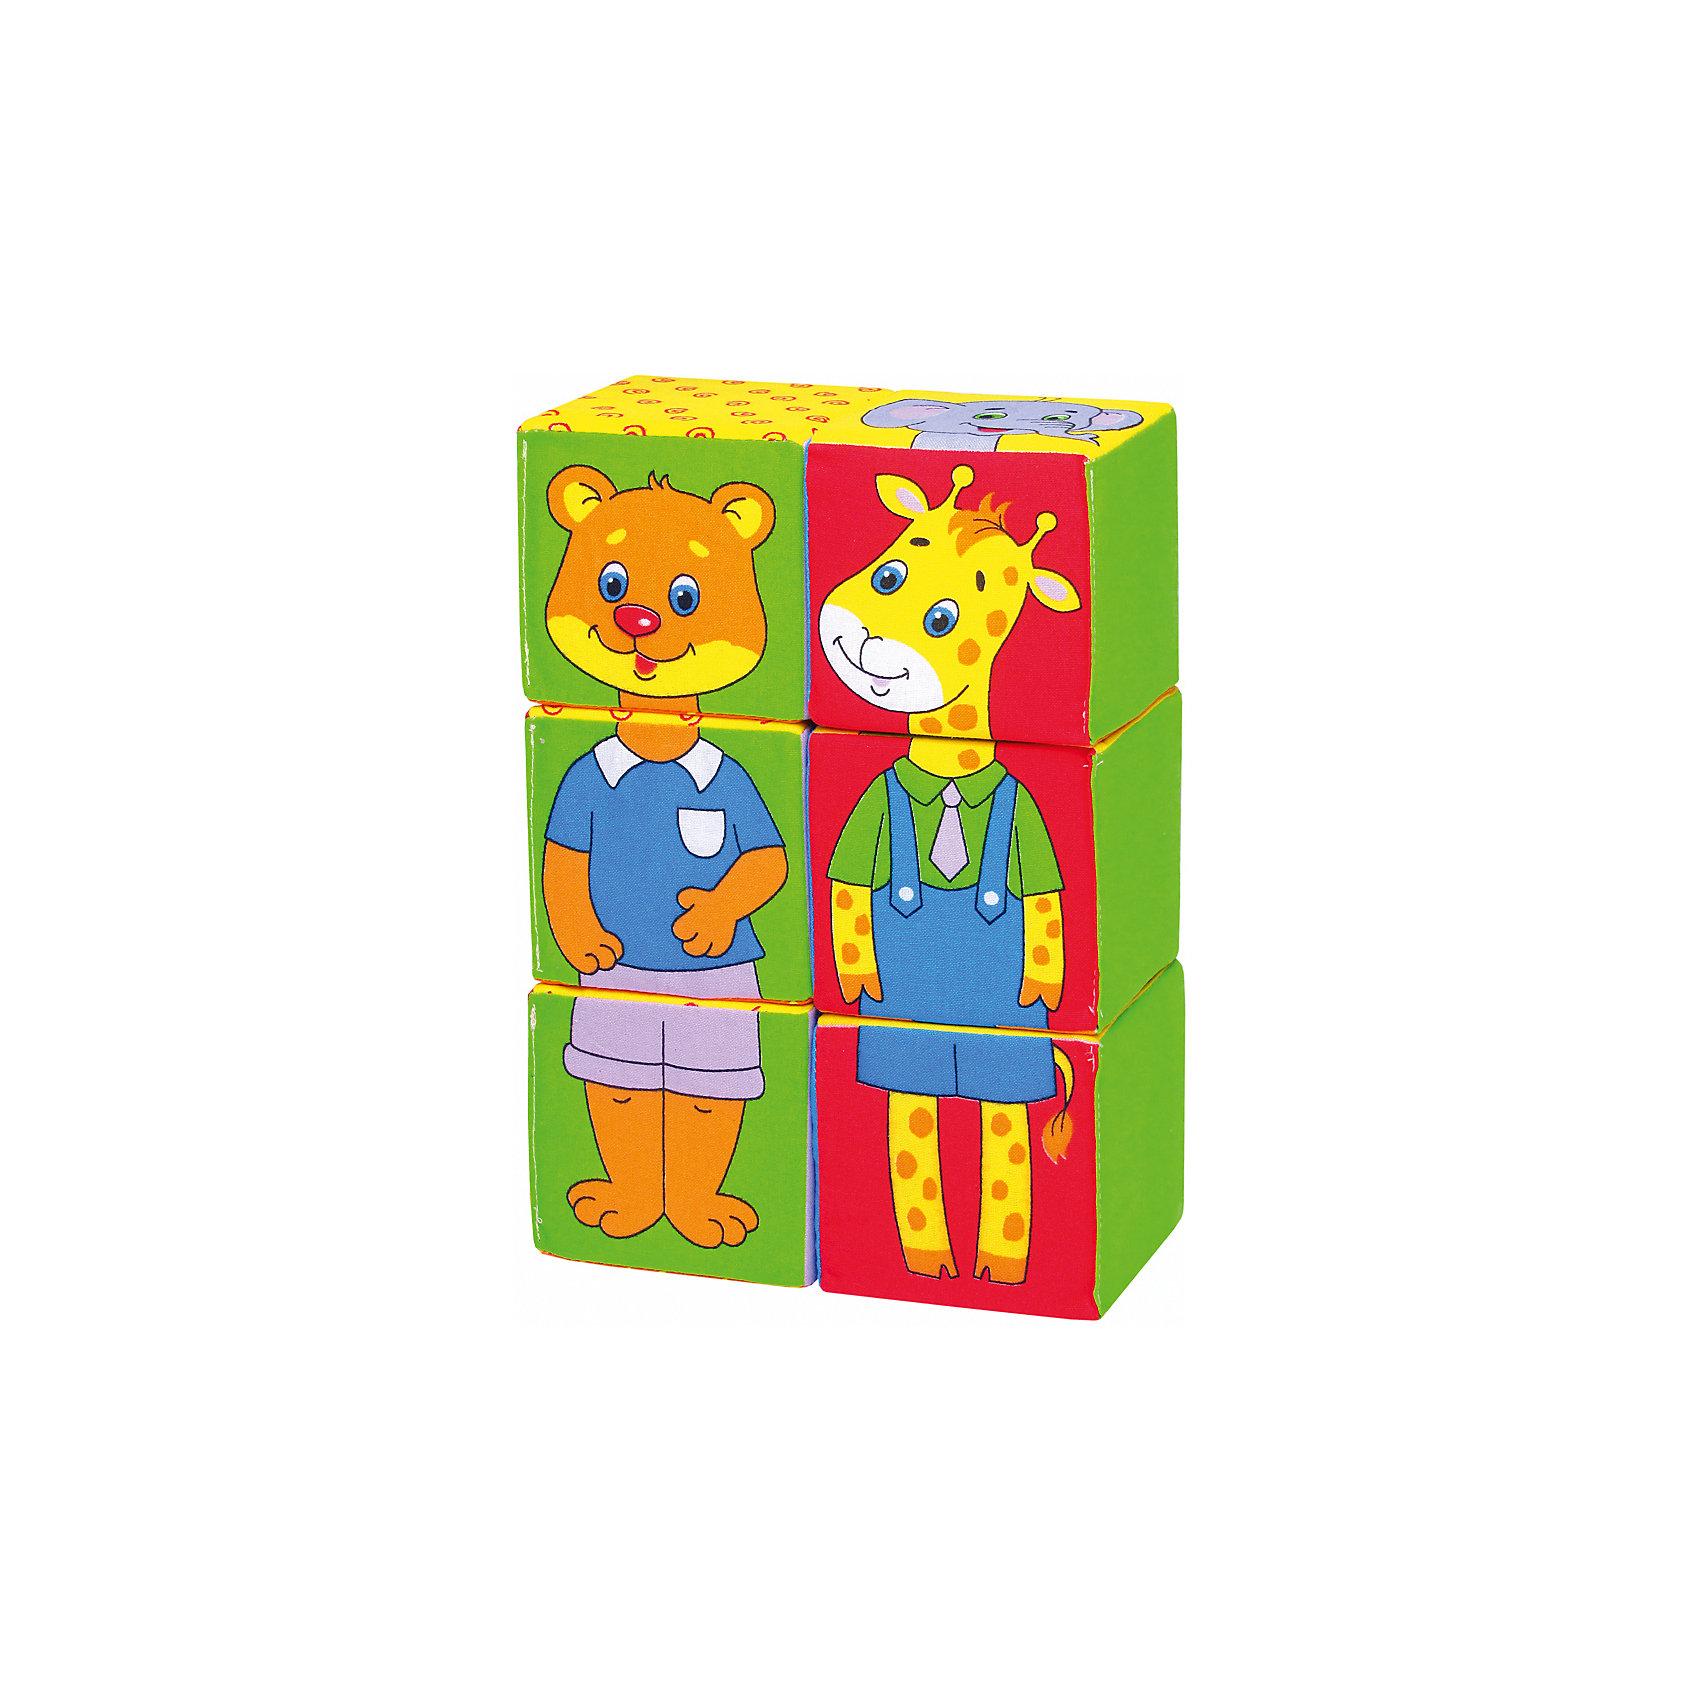 Мякиши Кубики Зоопарк, Мякиши развивающие деревянные игрушки кубики животные